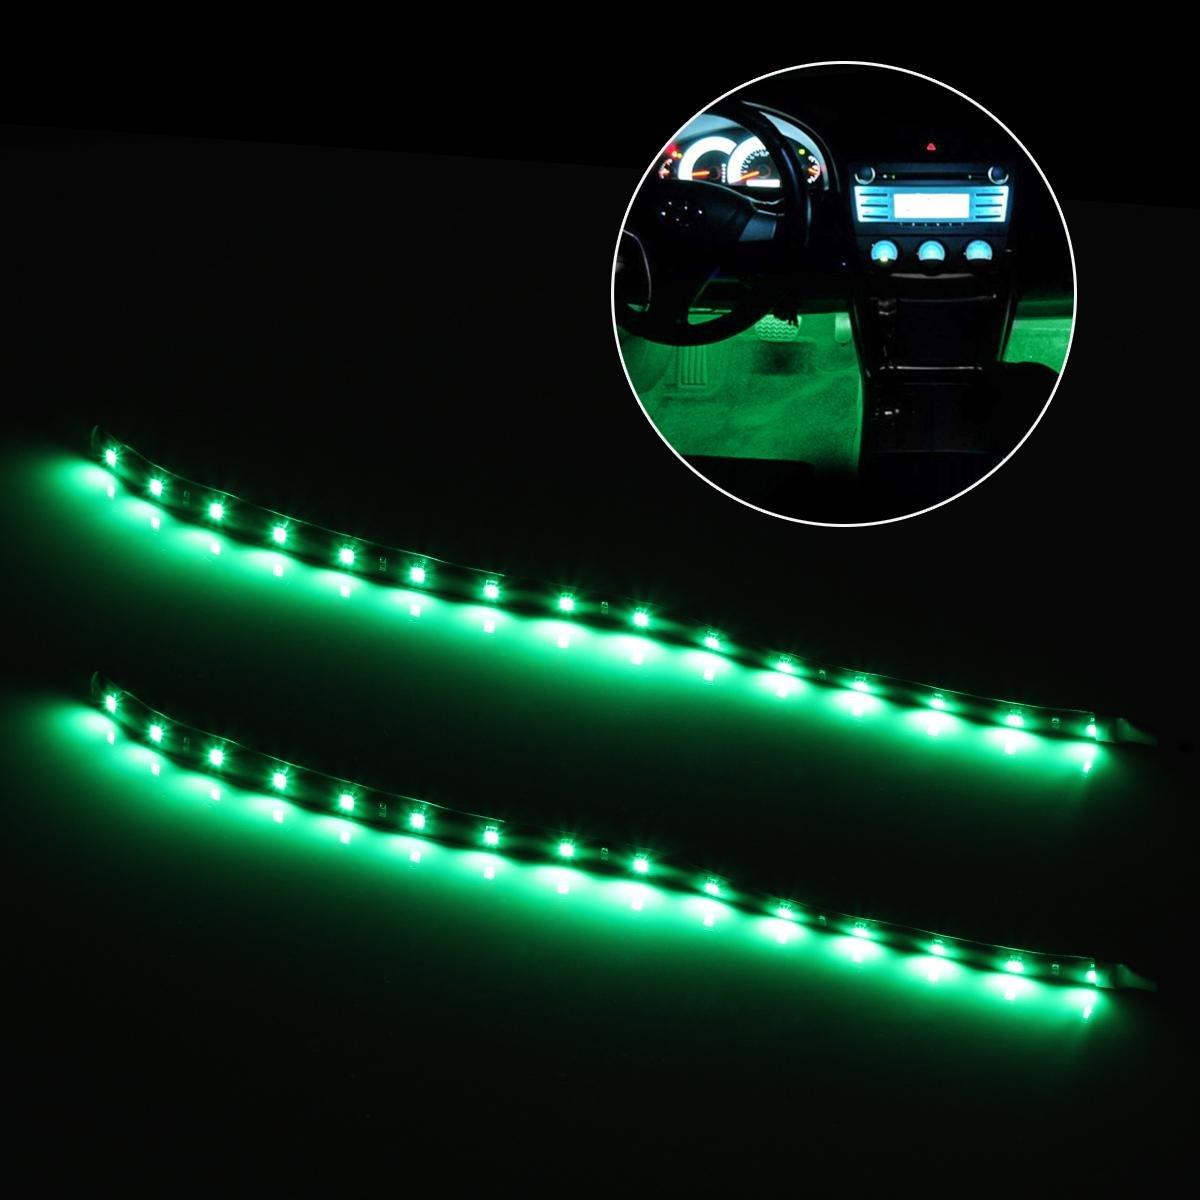 Ungewöhnlich Plasmaglow Neon Glowire Ideen - Schaltplan Serie ...